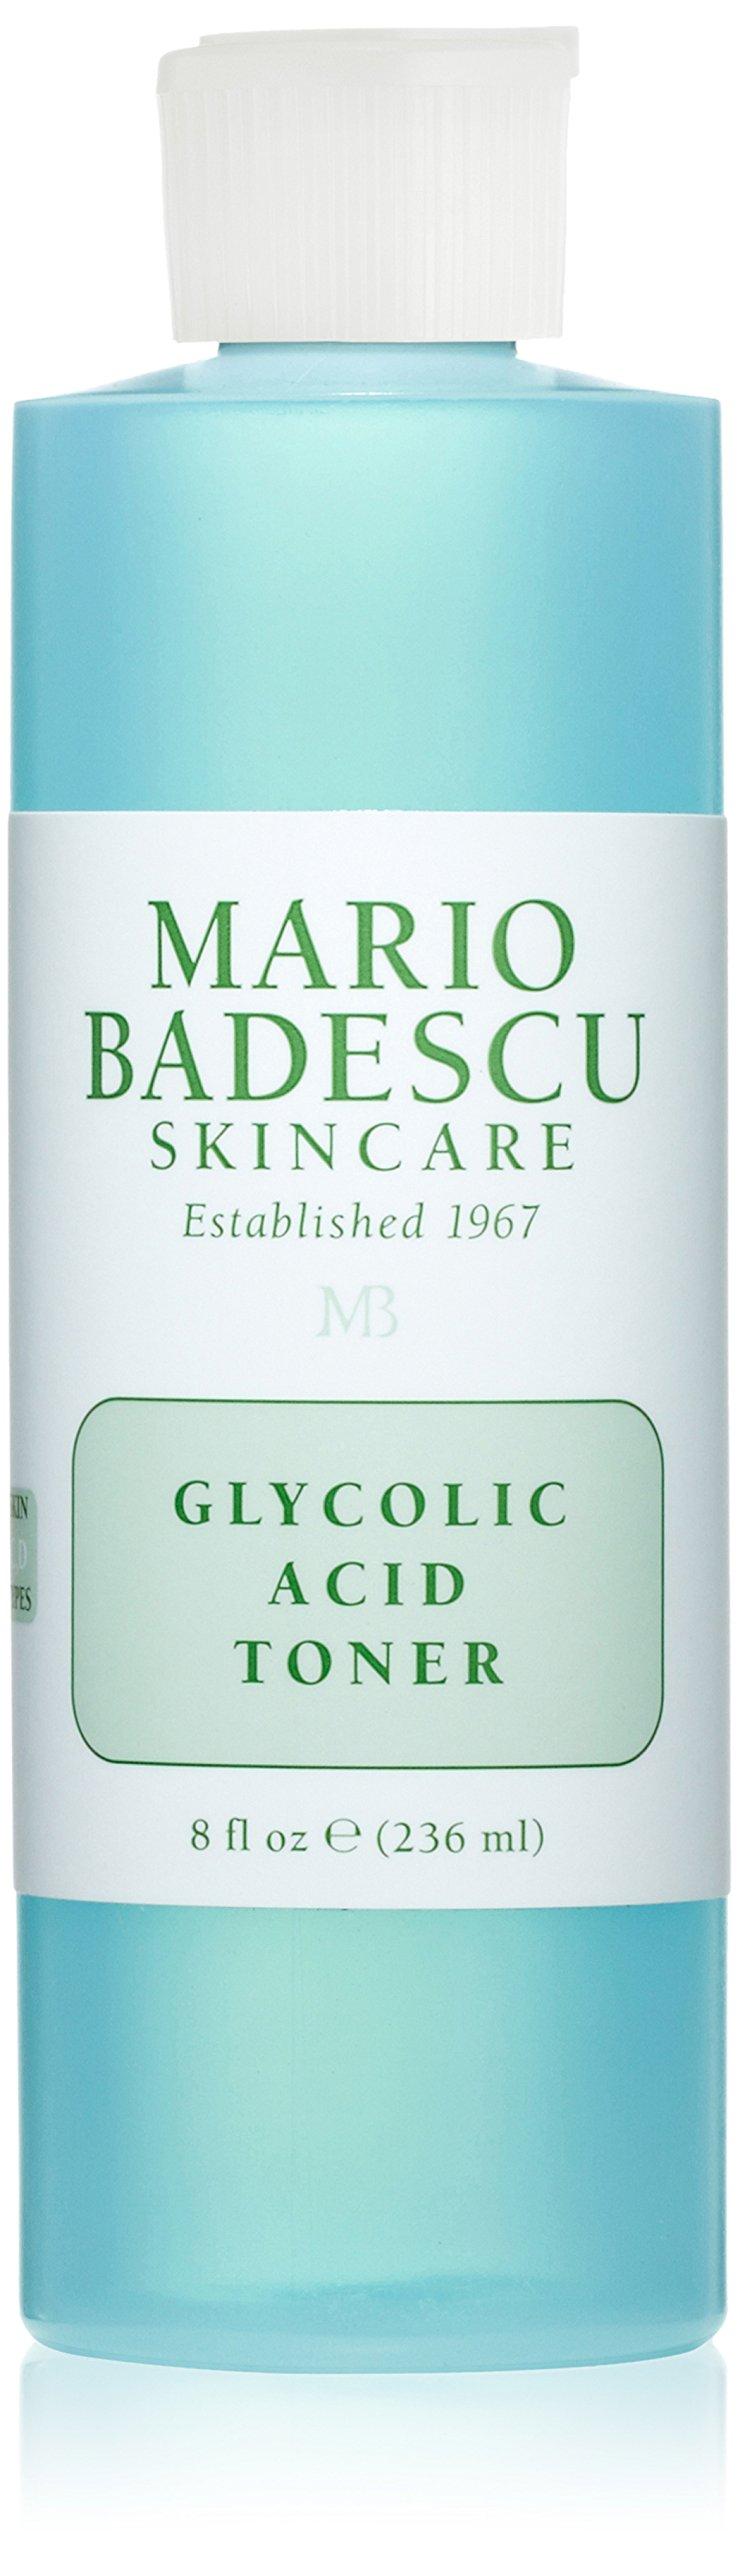 Mario Badescu Glycolic Acid Toner, 8 Fl Oz by Mario Badescu